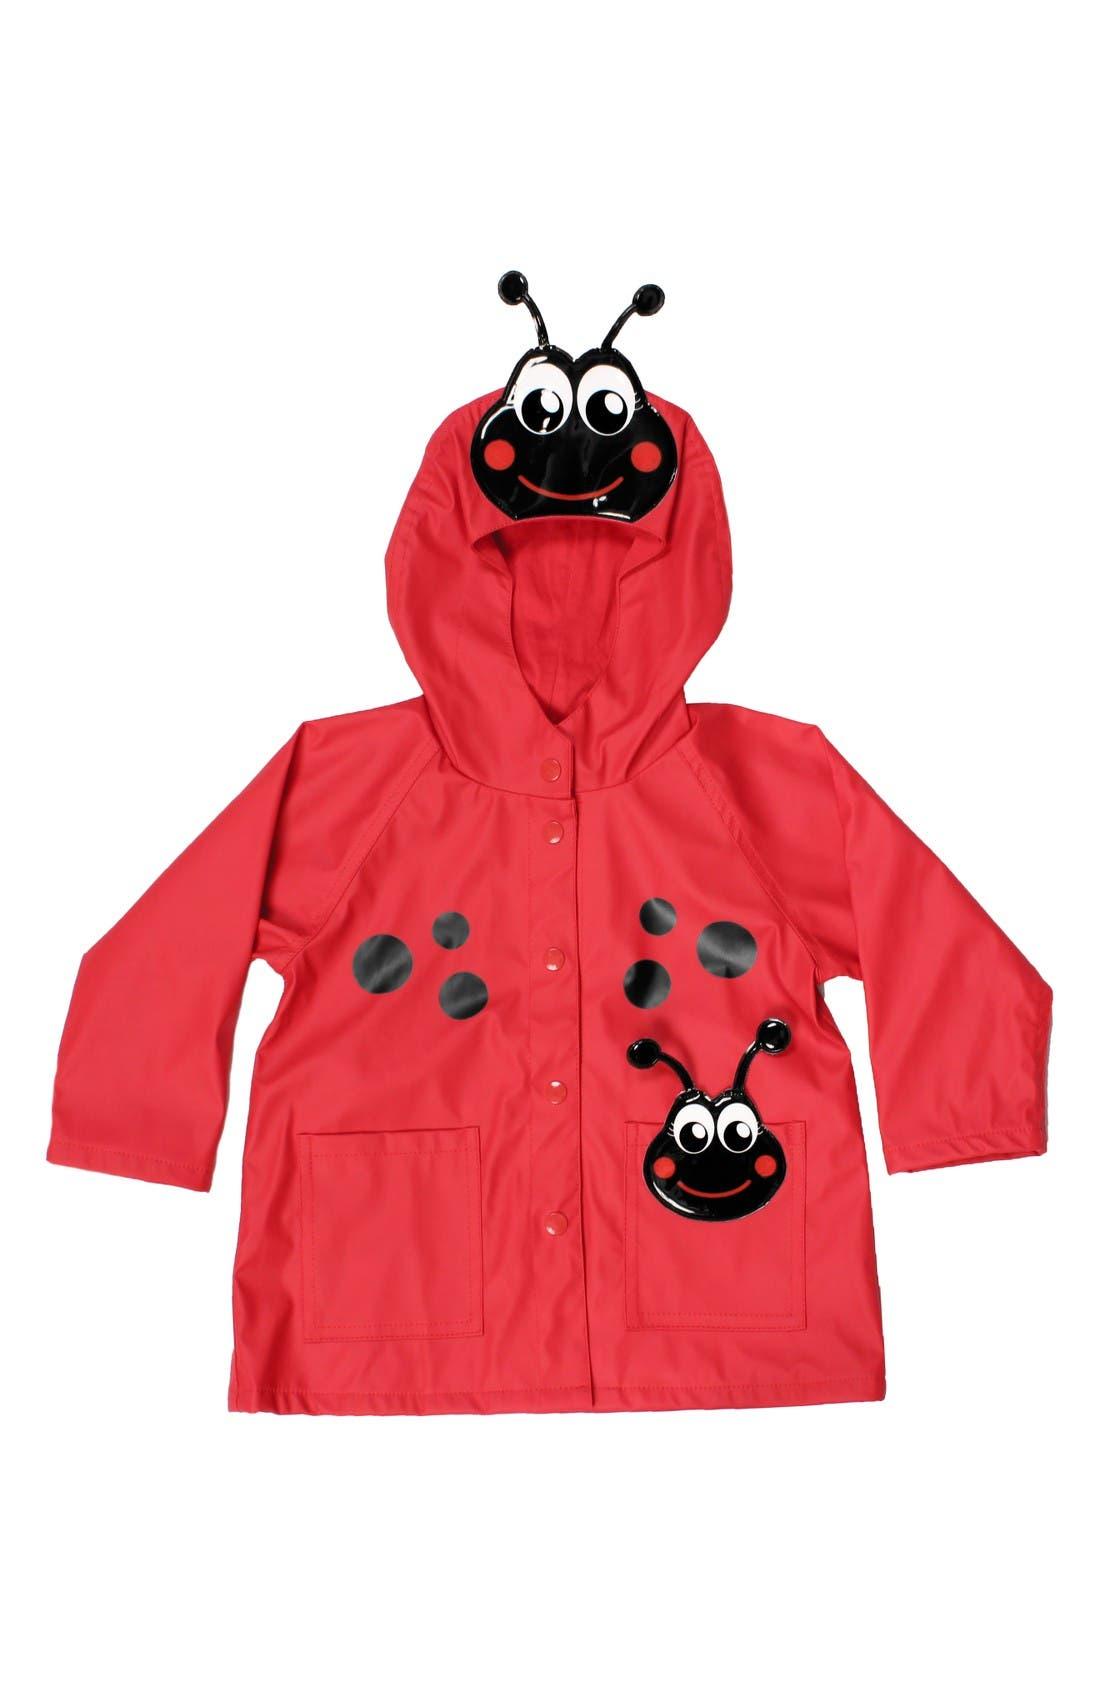 Main Image - Western Chief Ladybug Hooded Raincoat (Toddler Girls & Little Girls)